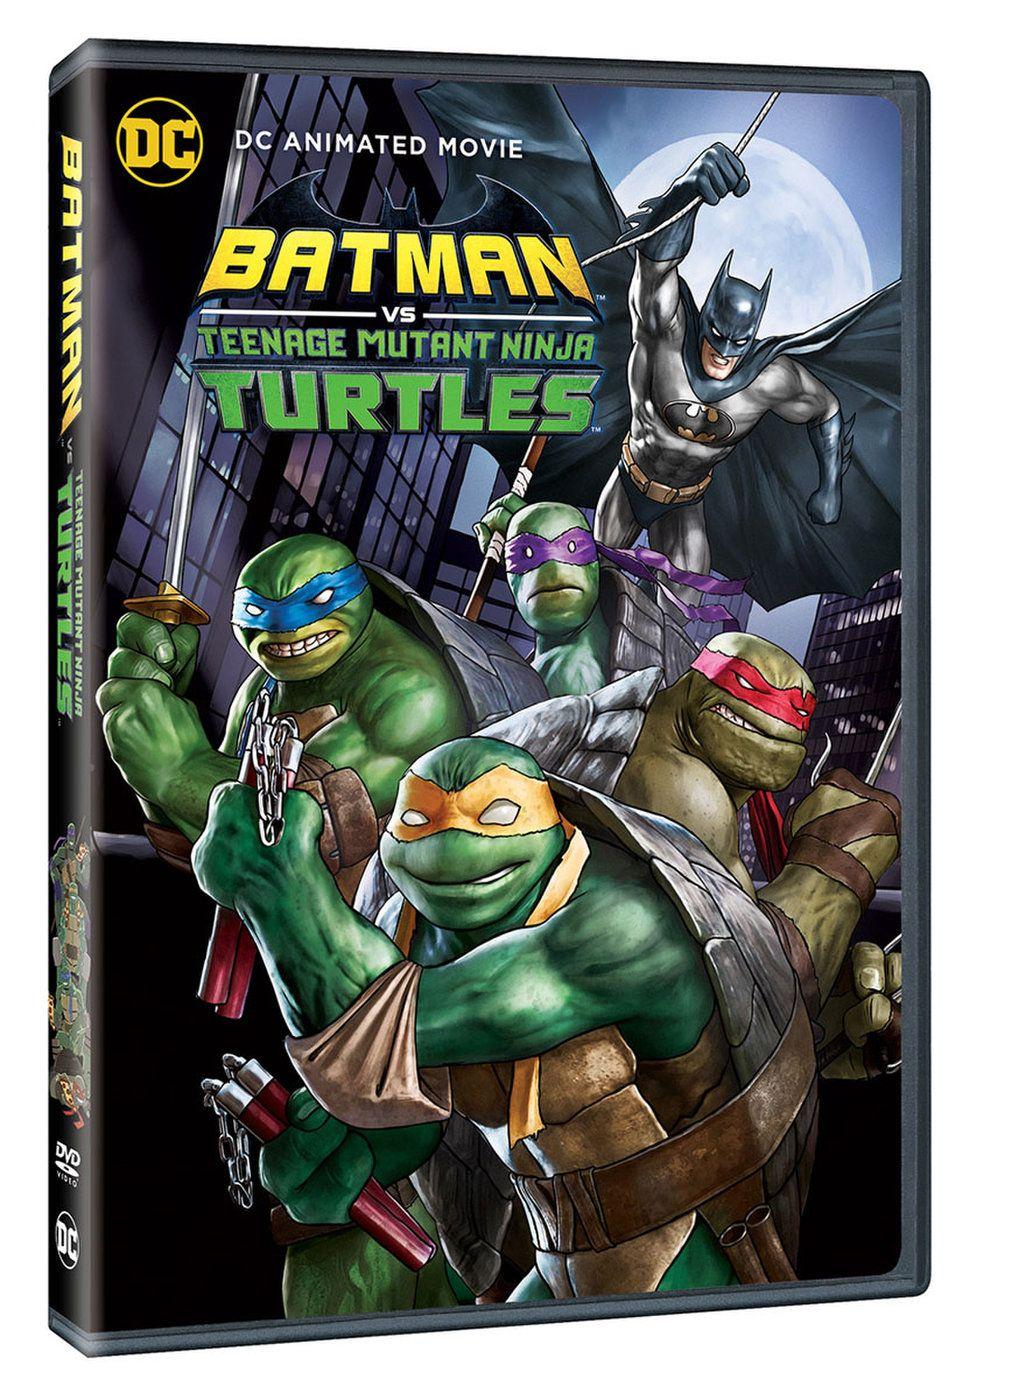 Pin De Odirley Em Tartarugas Ninja Com Imagens Batman Vs